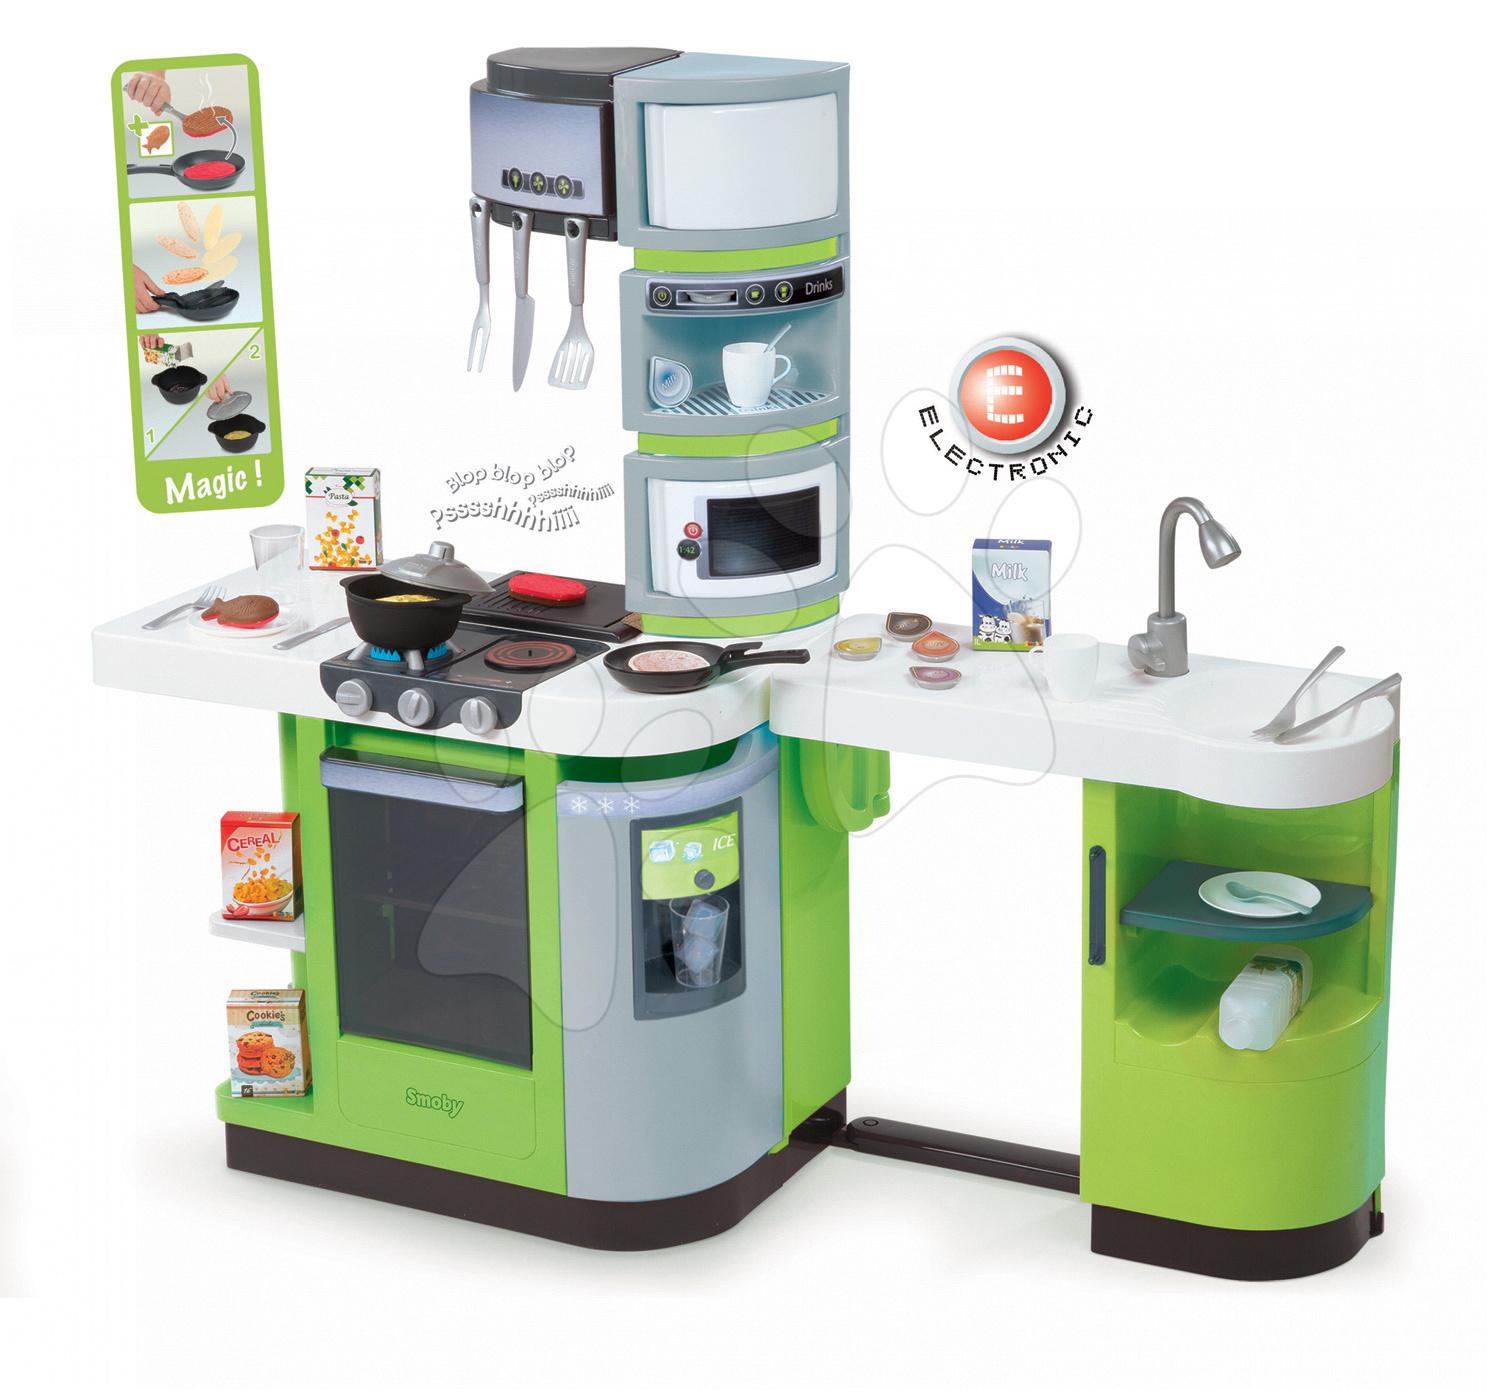 Elektronické kuchynky - Kuchynka CookMaster Verte Smoby elektronická so zvukmi, s ľadom, opečenými potravinami a 36 doplnkami zelená